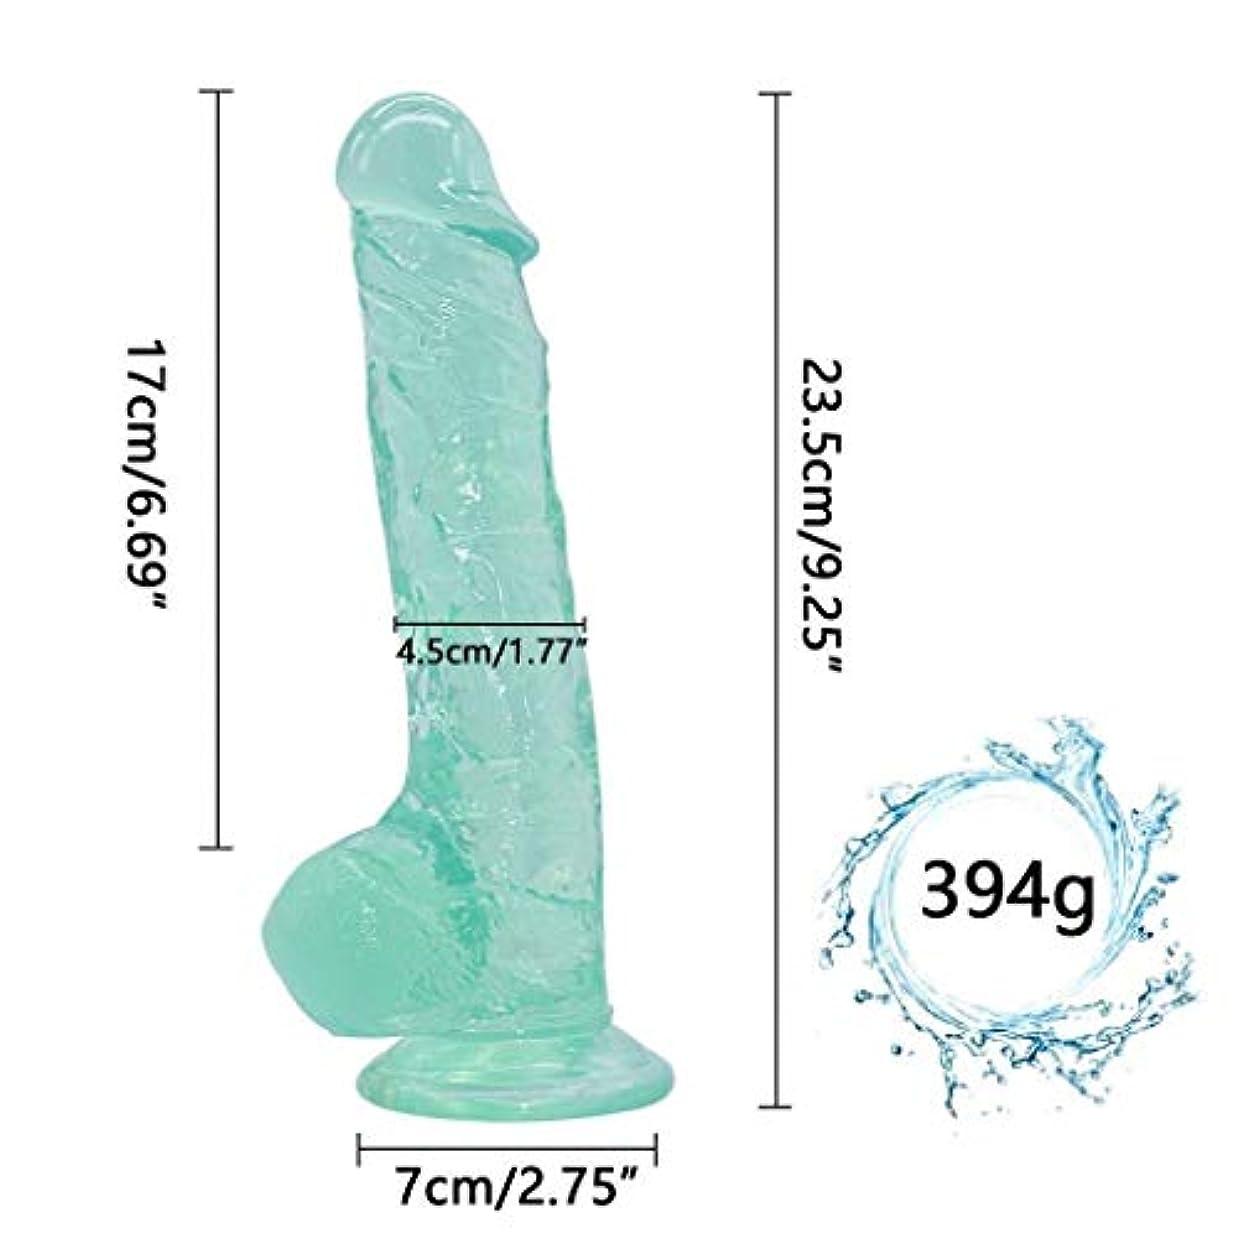 息切れそれに応じて染料Vanginal Gポッターとアナログプレイのための湾曲したシャフトとボールとの現実的なのDillo柔軟なのDillo